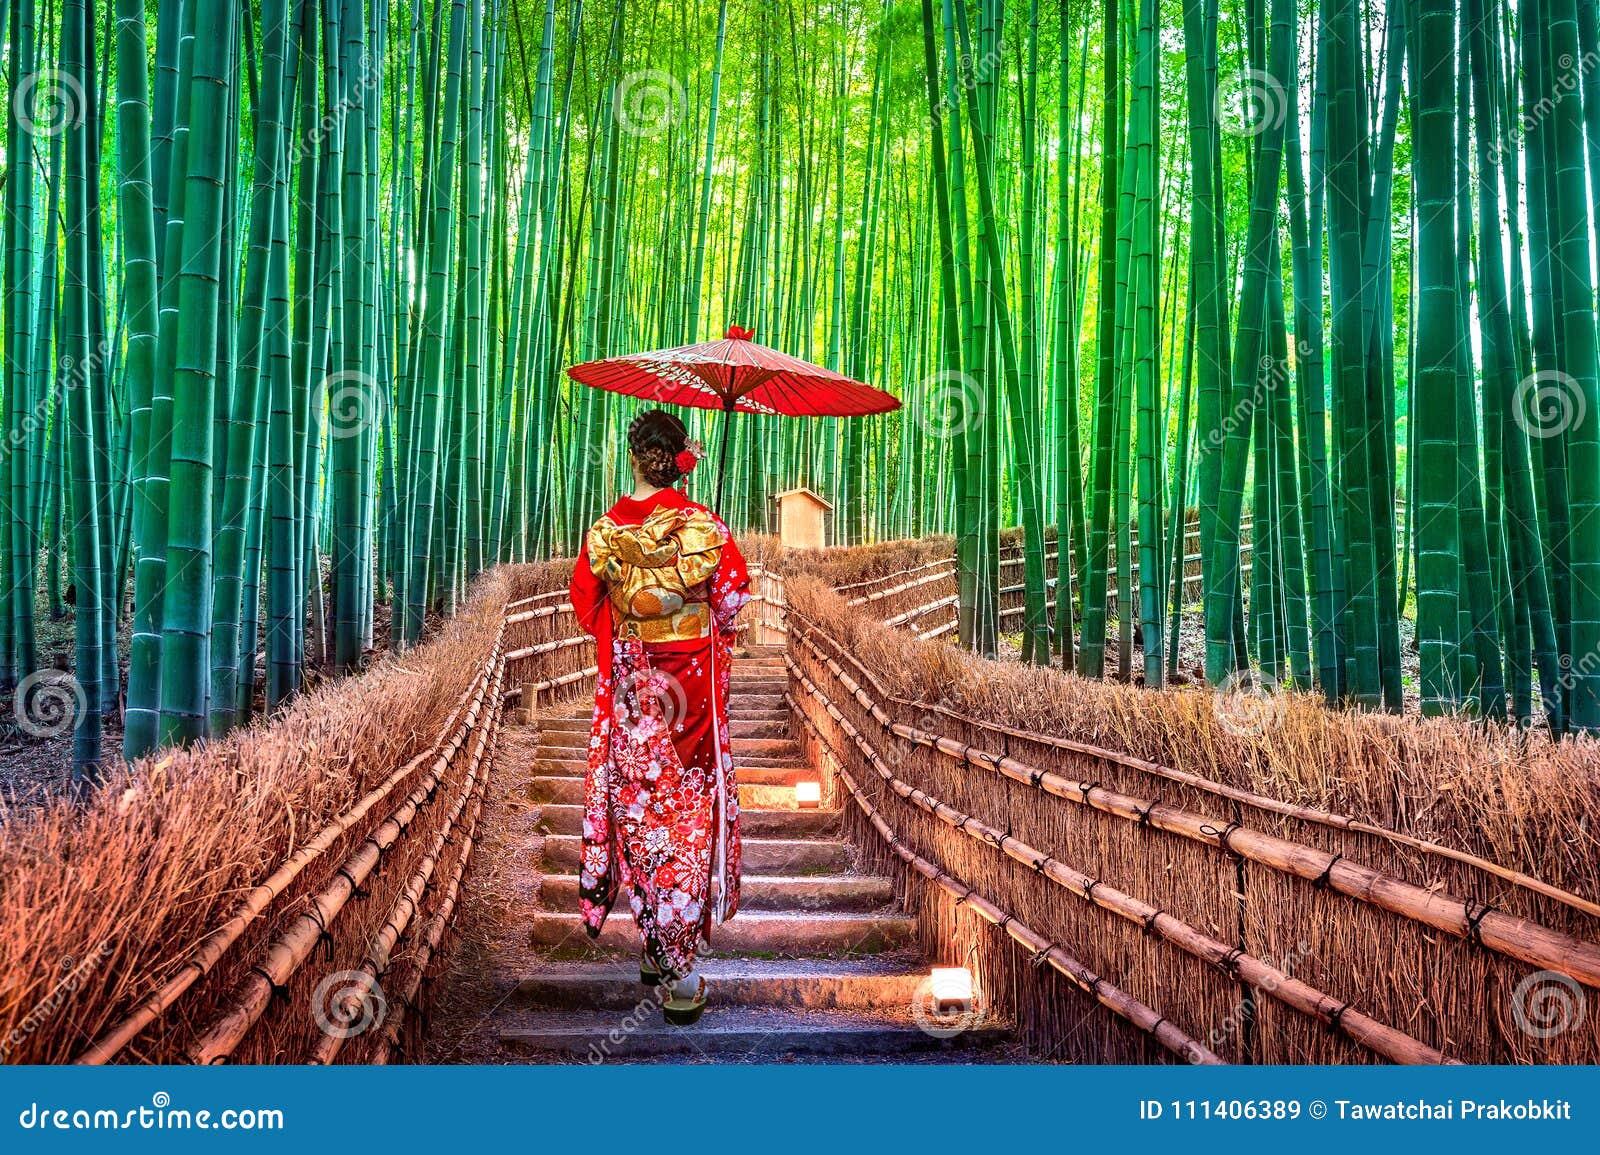 Donna di bambù di Forest Asian che porta kimono tradizionale giapponese alla foresta di bambù a Kyoto, Giappone